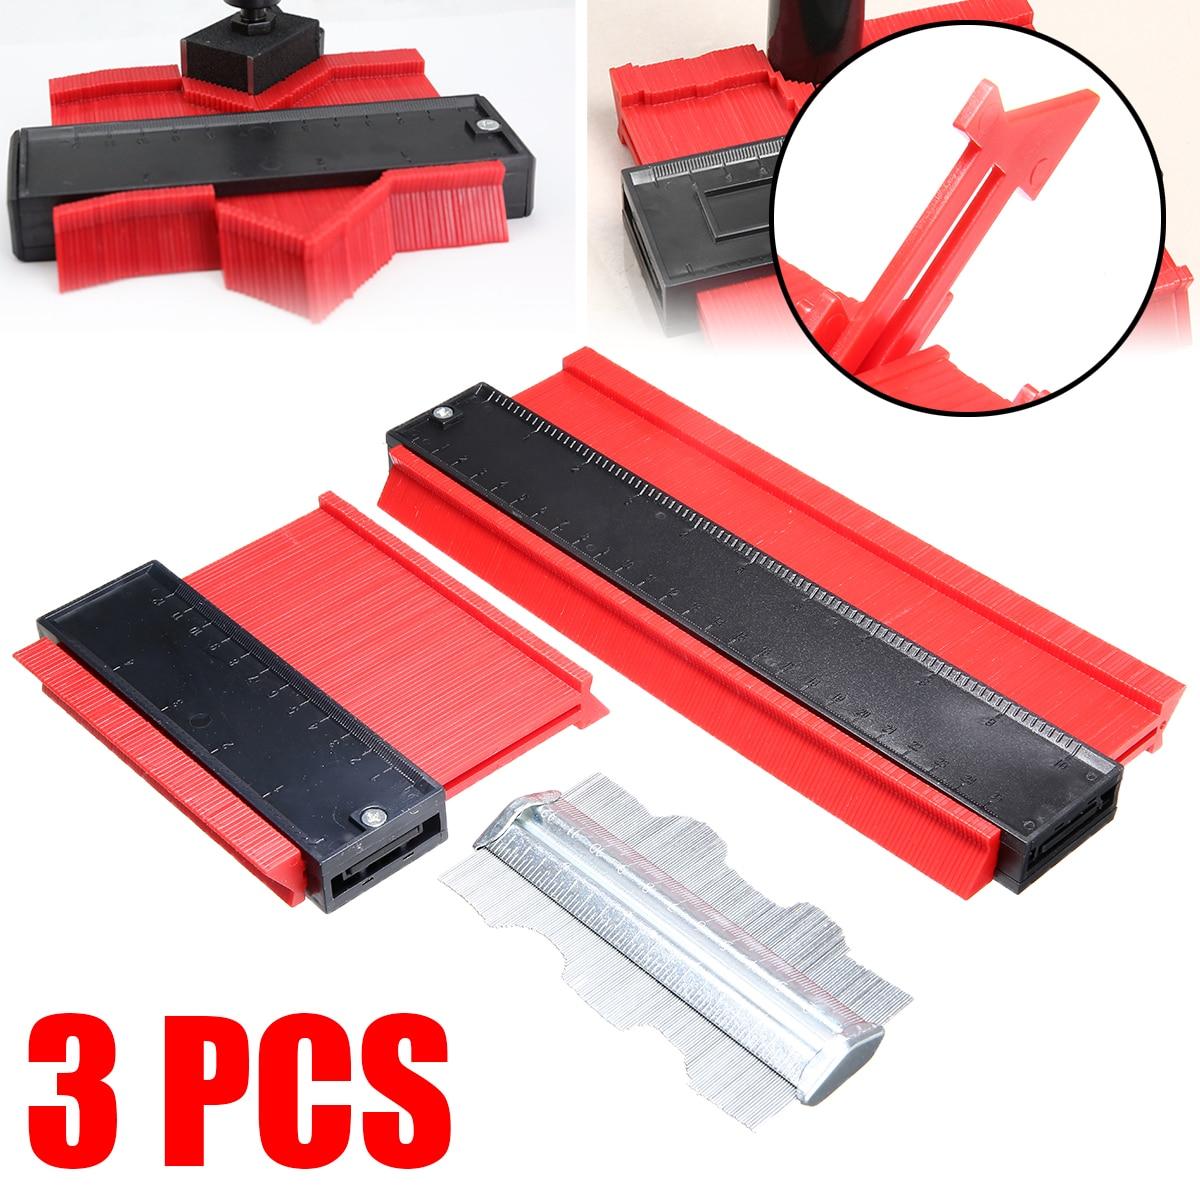 3Pcs 120mm 250mm 125mm Kontur Gauge Set Holz Kennzeichnung Werkzeug Fliesen Laminat Form Profil Metall Fliesen teppich Werkzeuge Allgemeine Verwendung